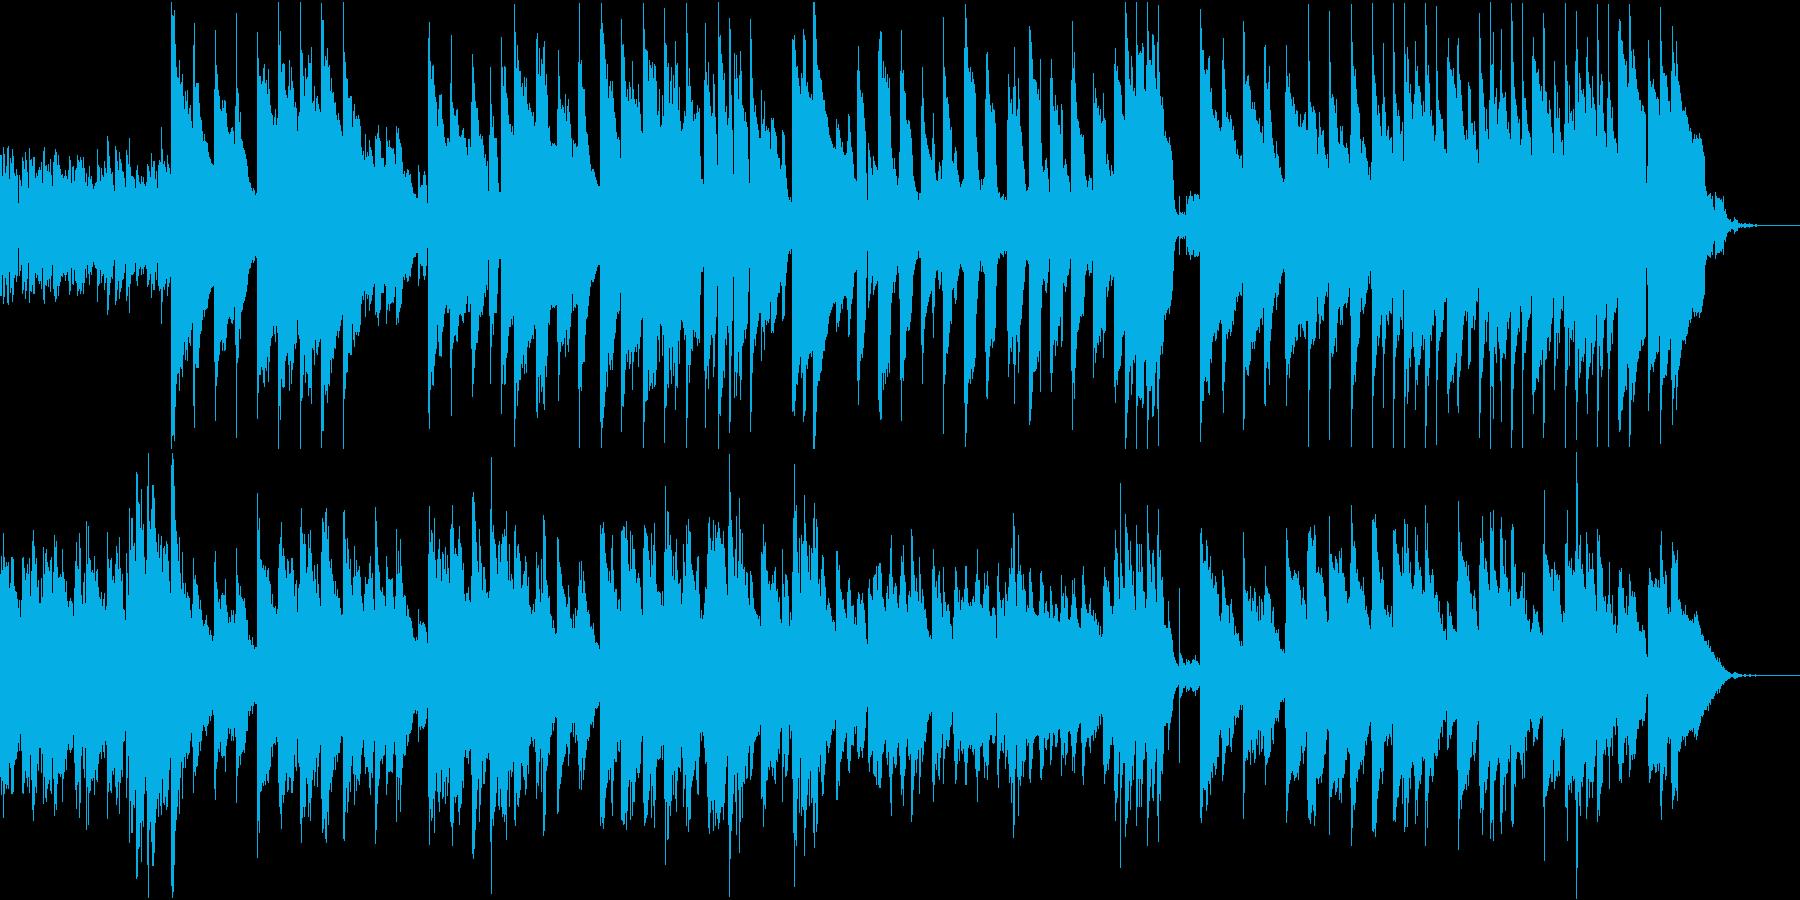 クリスマスソング。ピアノとベルでご機嫌にの再生済みの波形